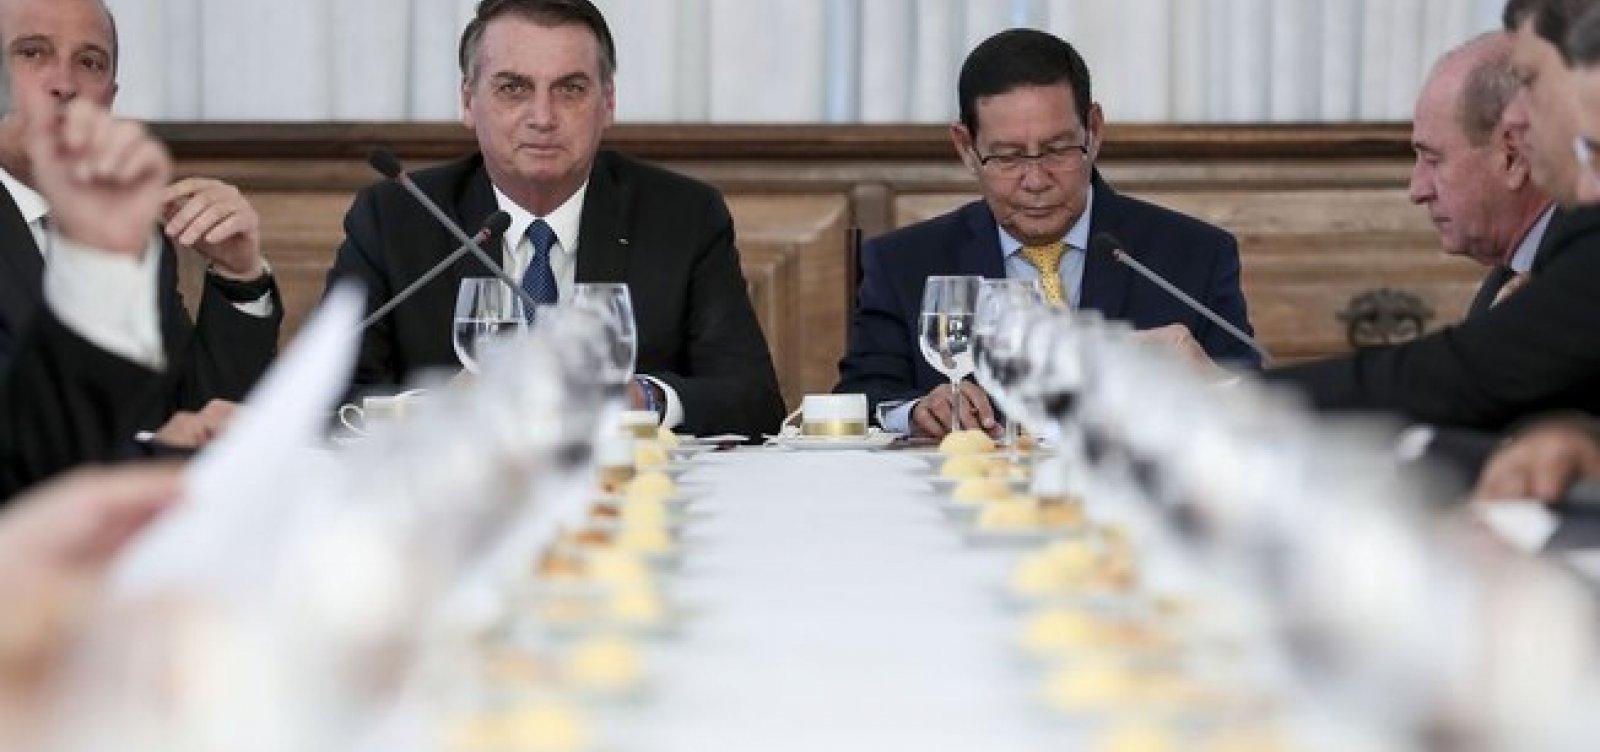 Reforma da Previdência é tema de reunião entre Bolsonaro e ministros hoje